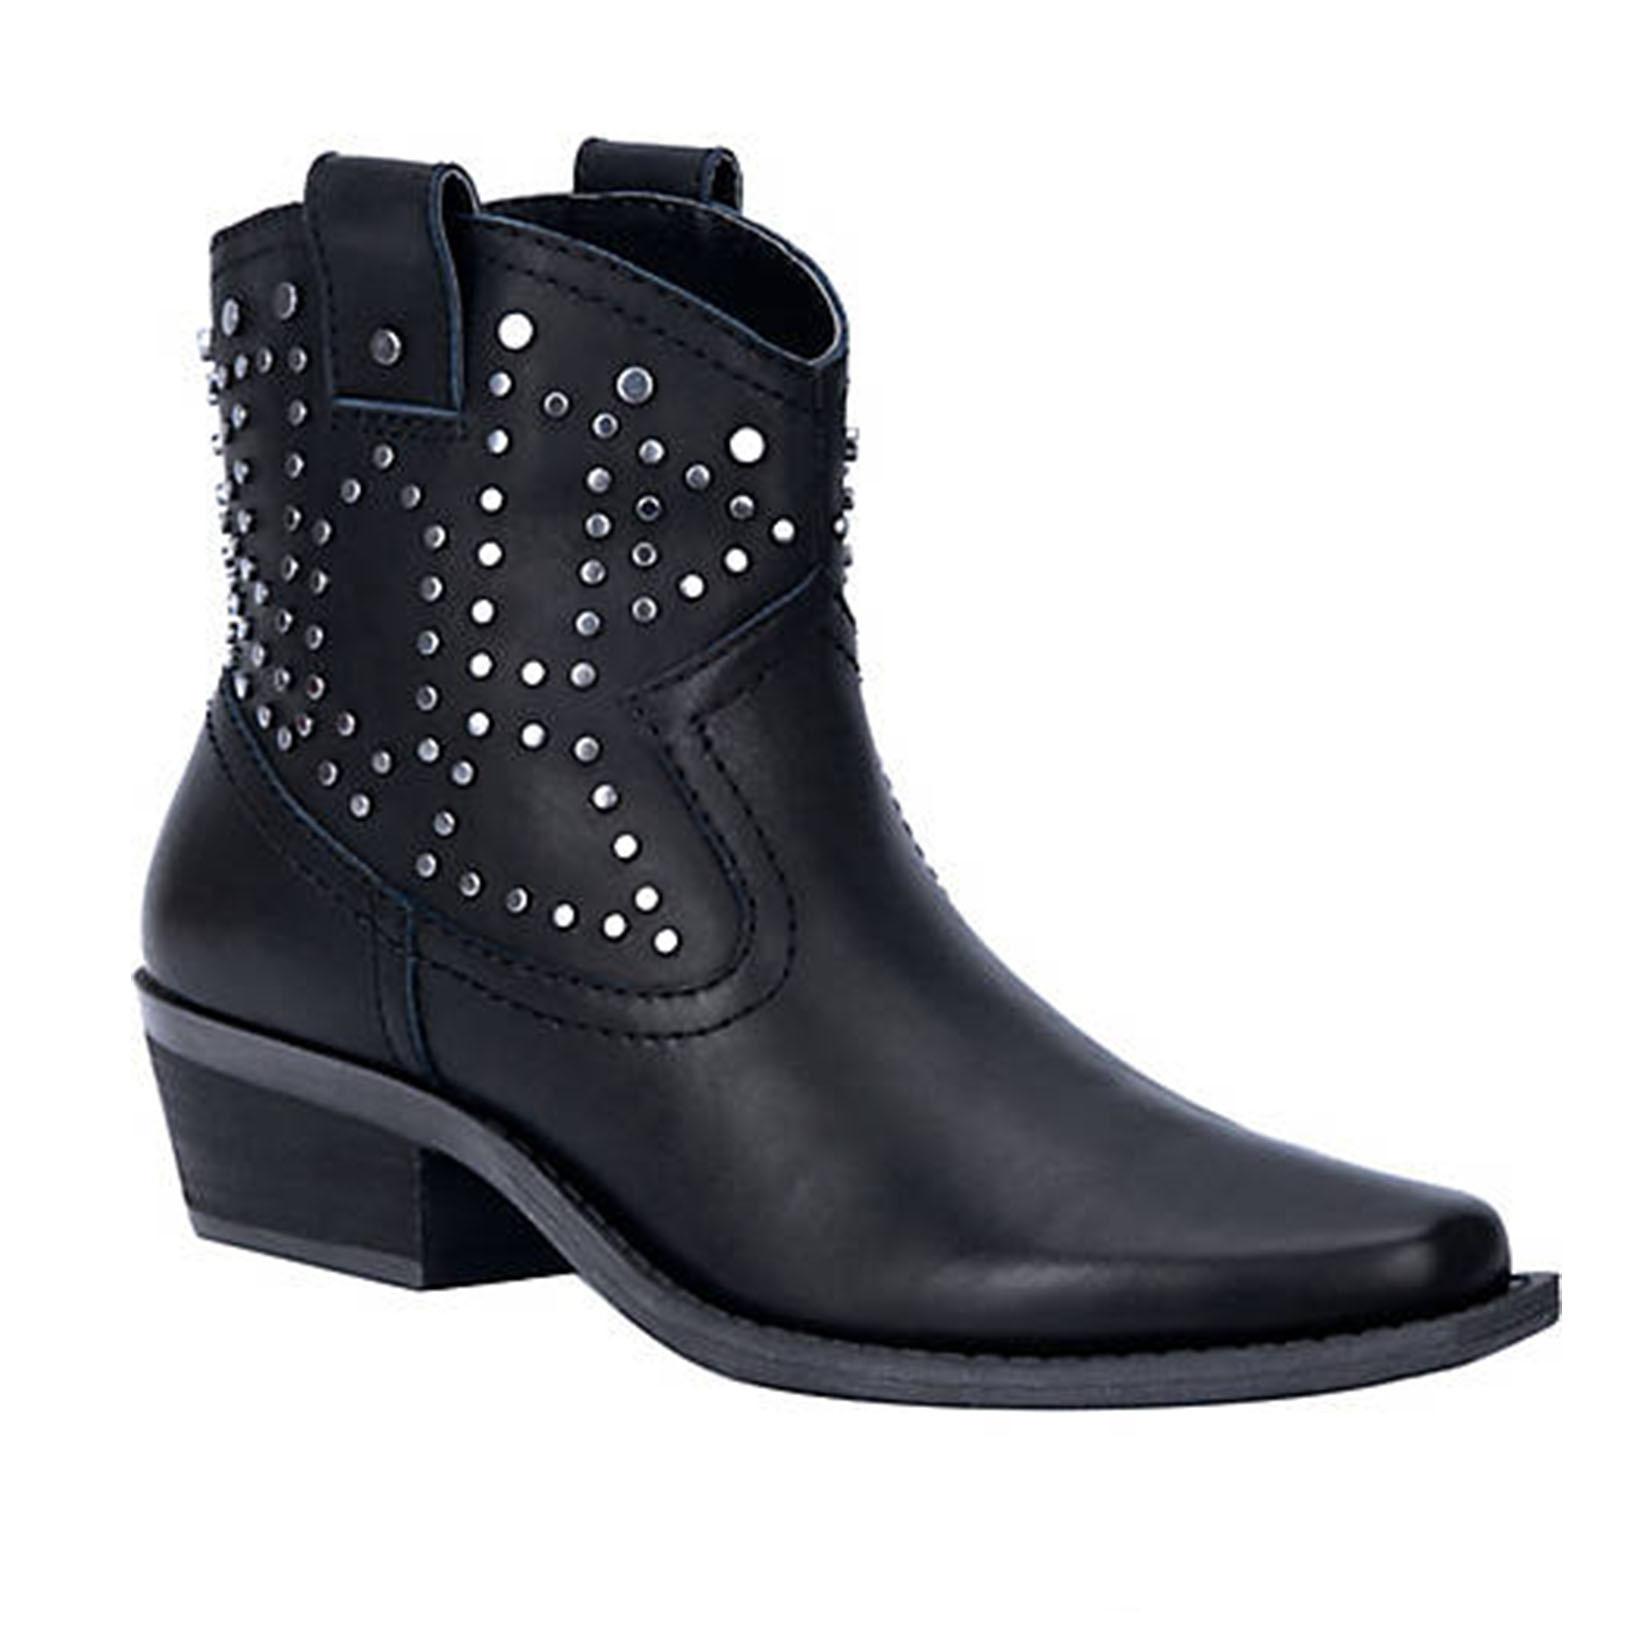 Dingo Women's Dingo Dusty Boots Black DI150